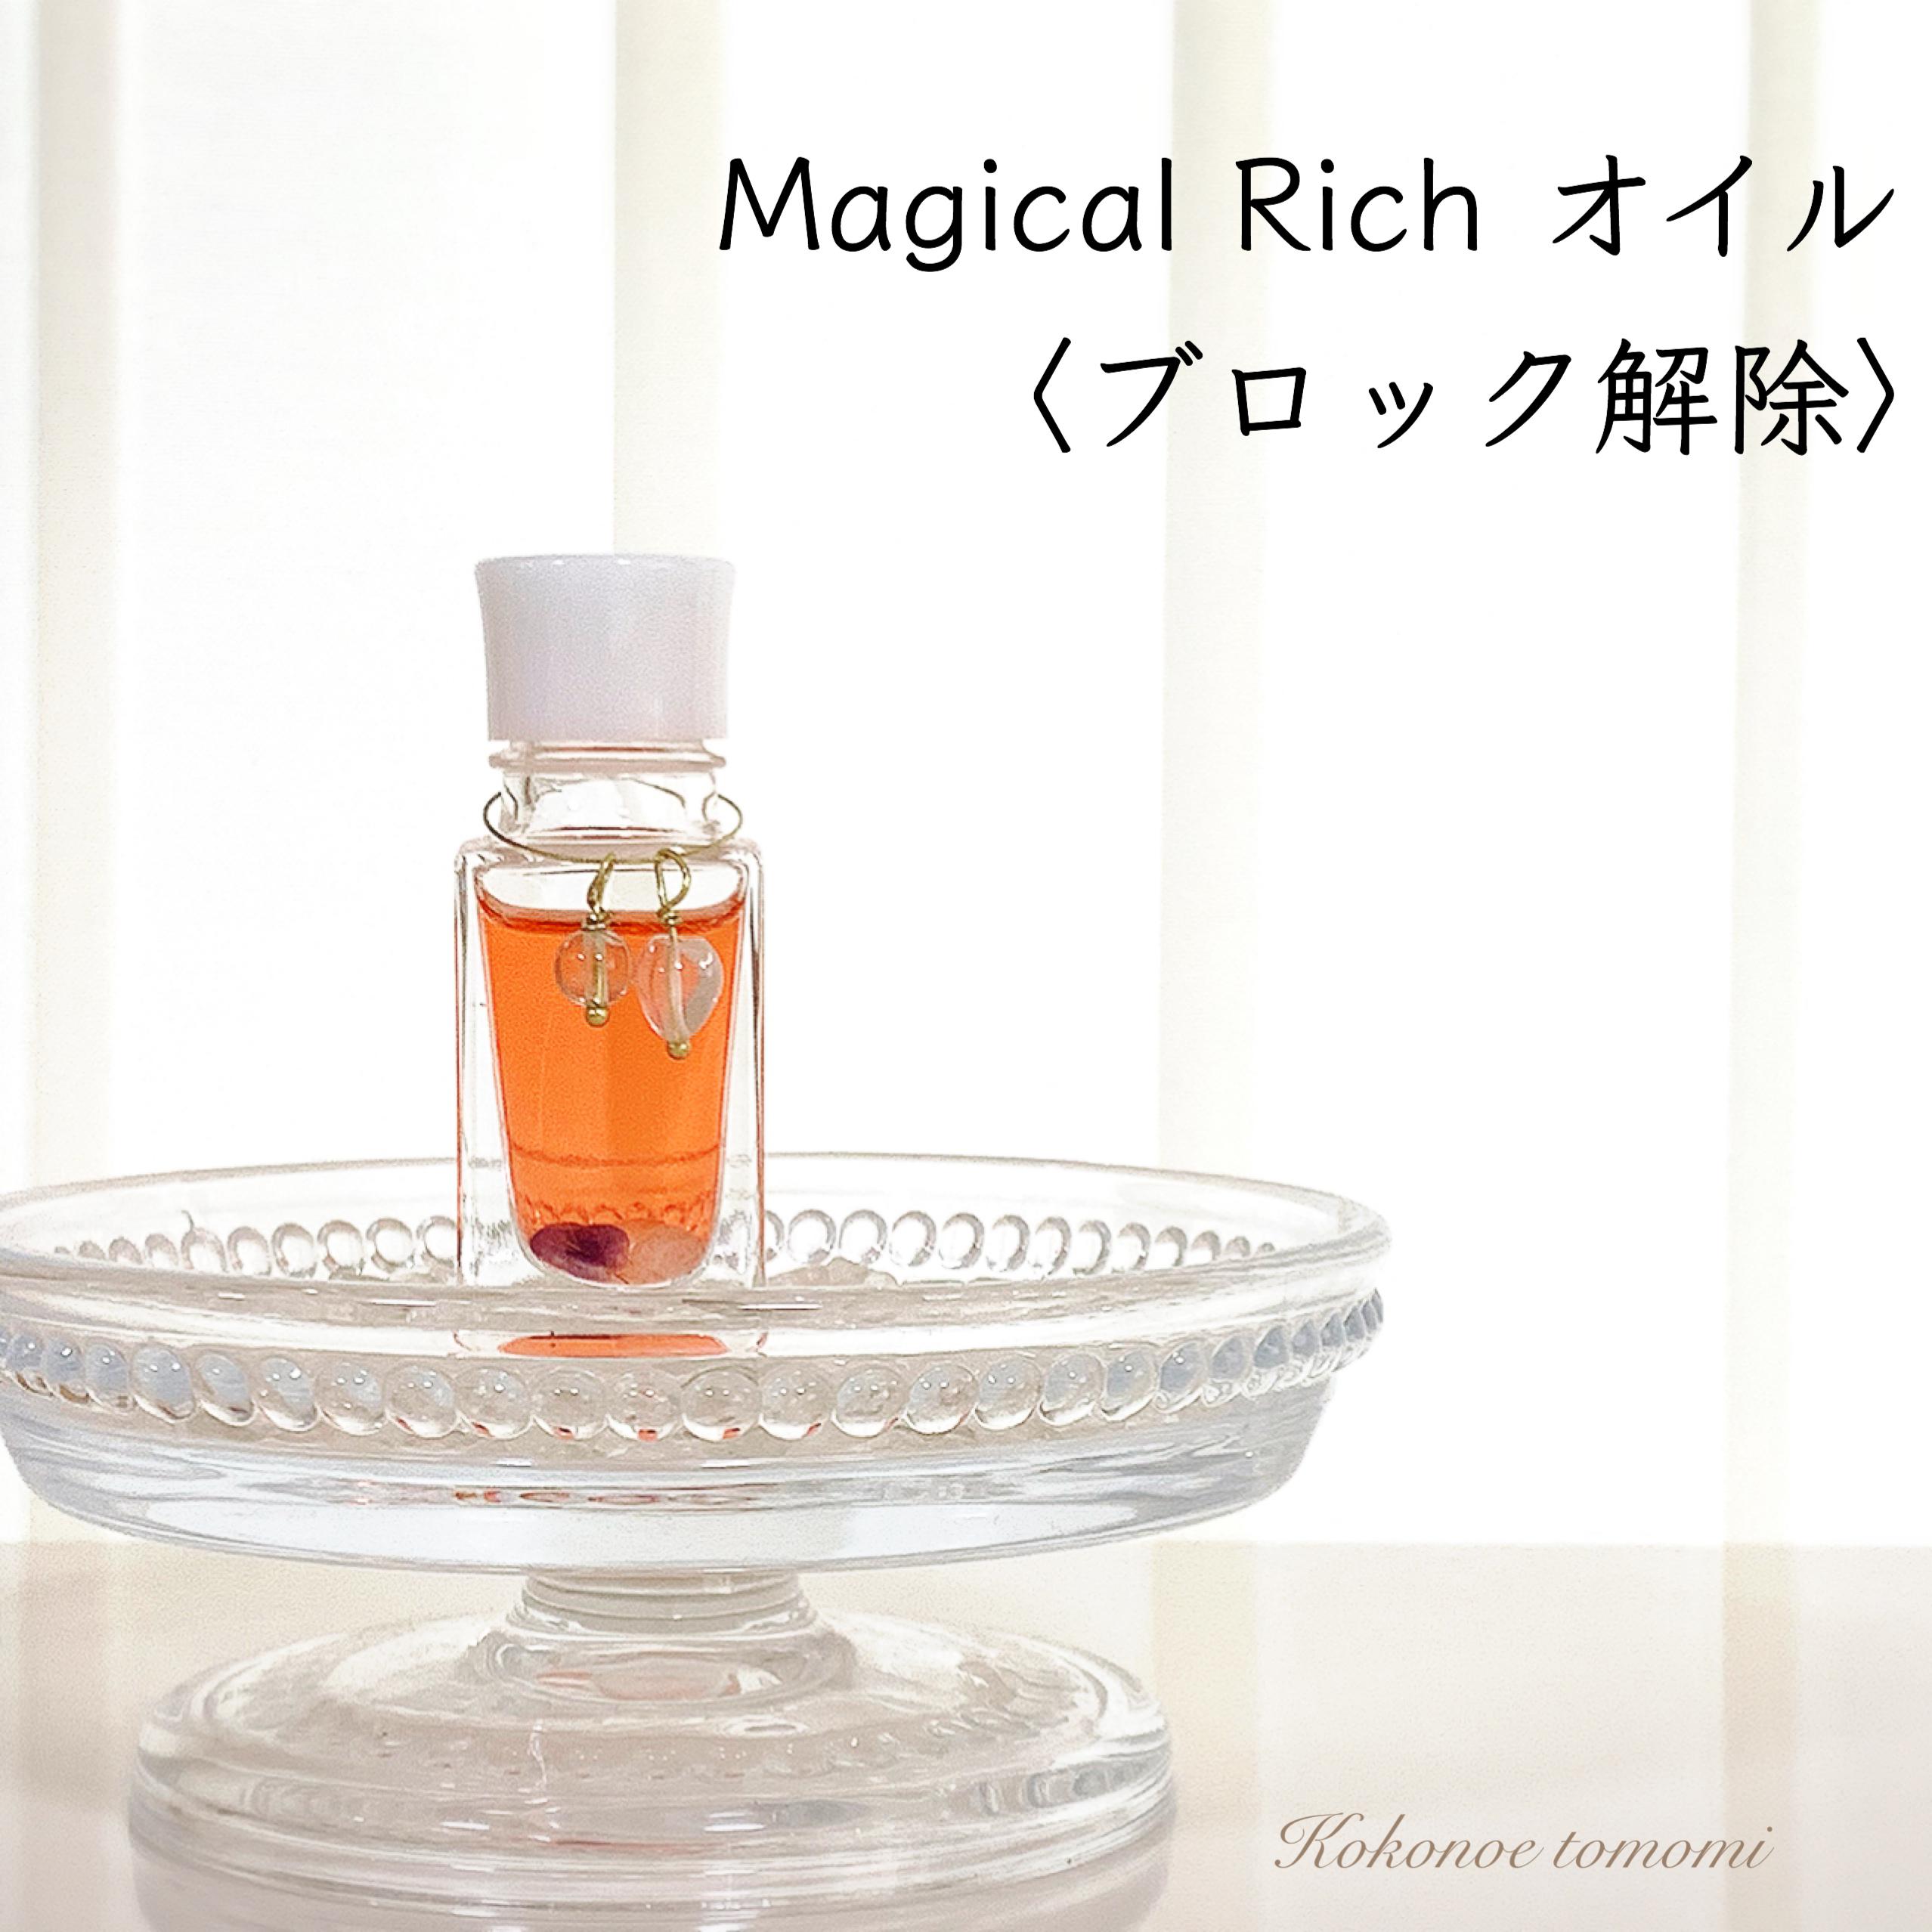 最強♡美オーラ・Magical Richオイル(ブロック解除)